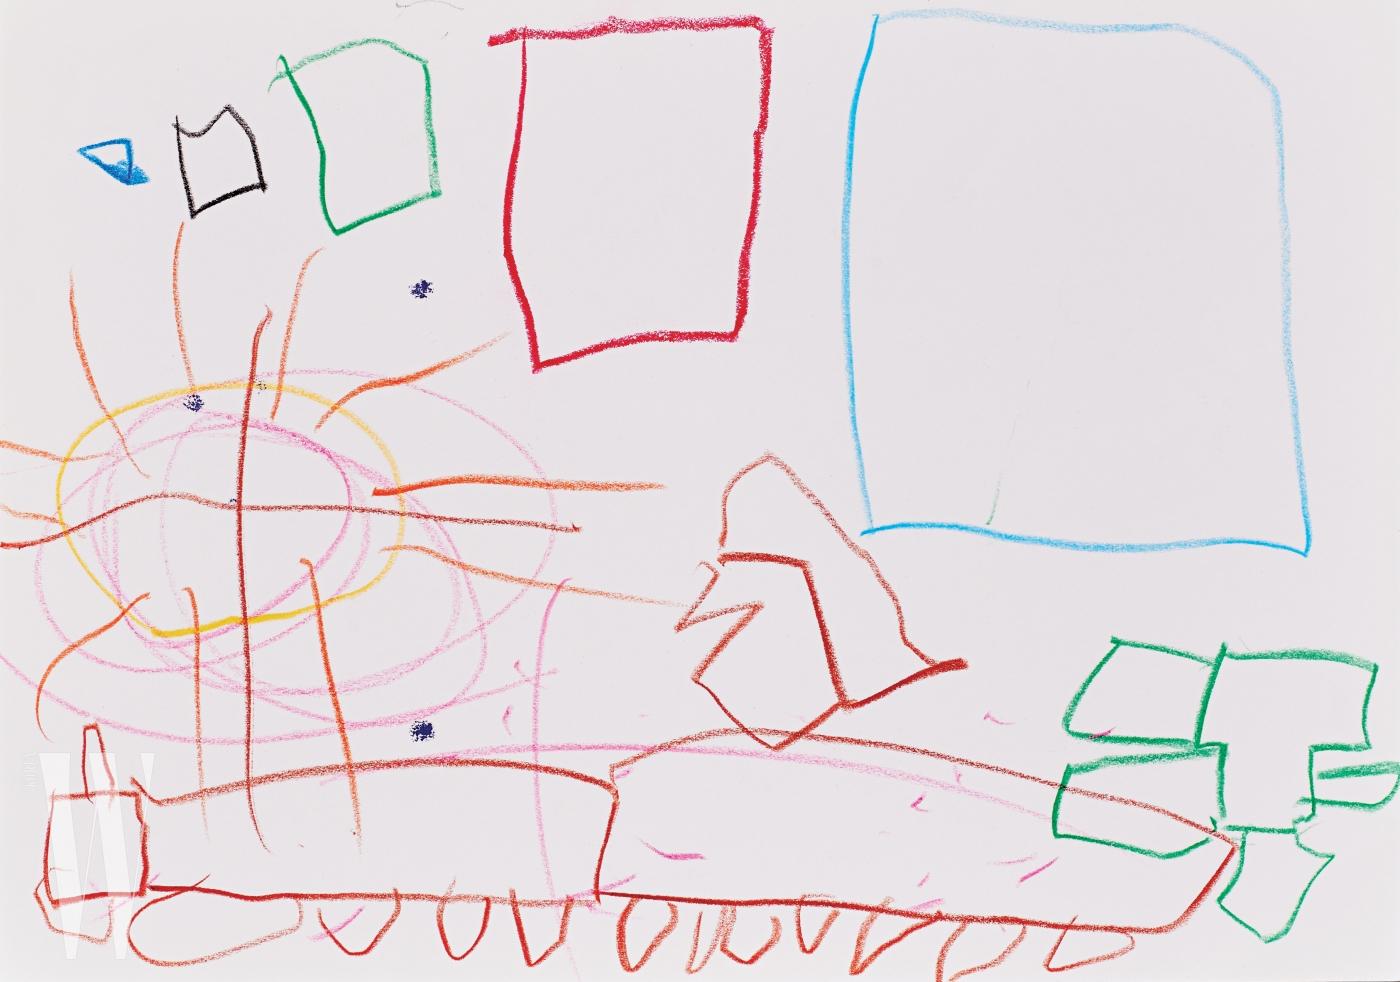 개그맨 이휘재와 플로리스트 문정원의 아들 이서언(5세) 군의 그림. 서언이가 사용한 색이 들어간 퀼팅 스커트를 선택한 뒤 머리에 장식했고, 네모난 도형들은 딱딱하고 각진 포즈로 표현했다.